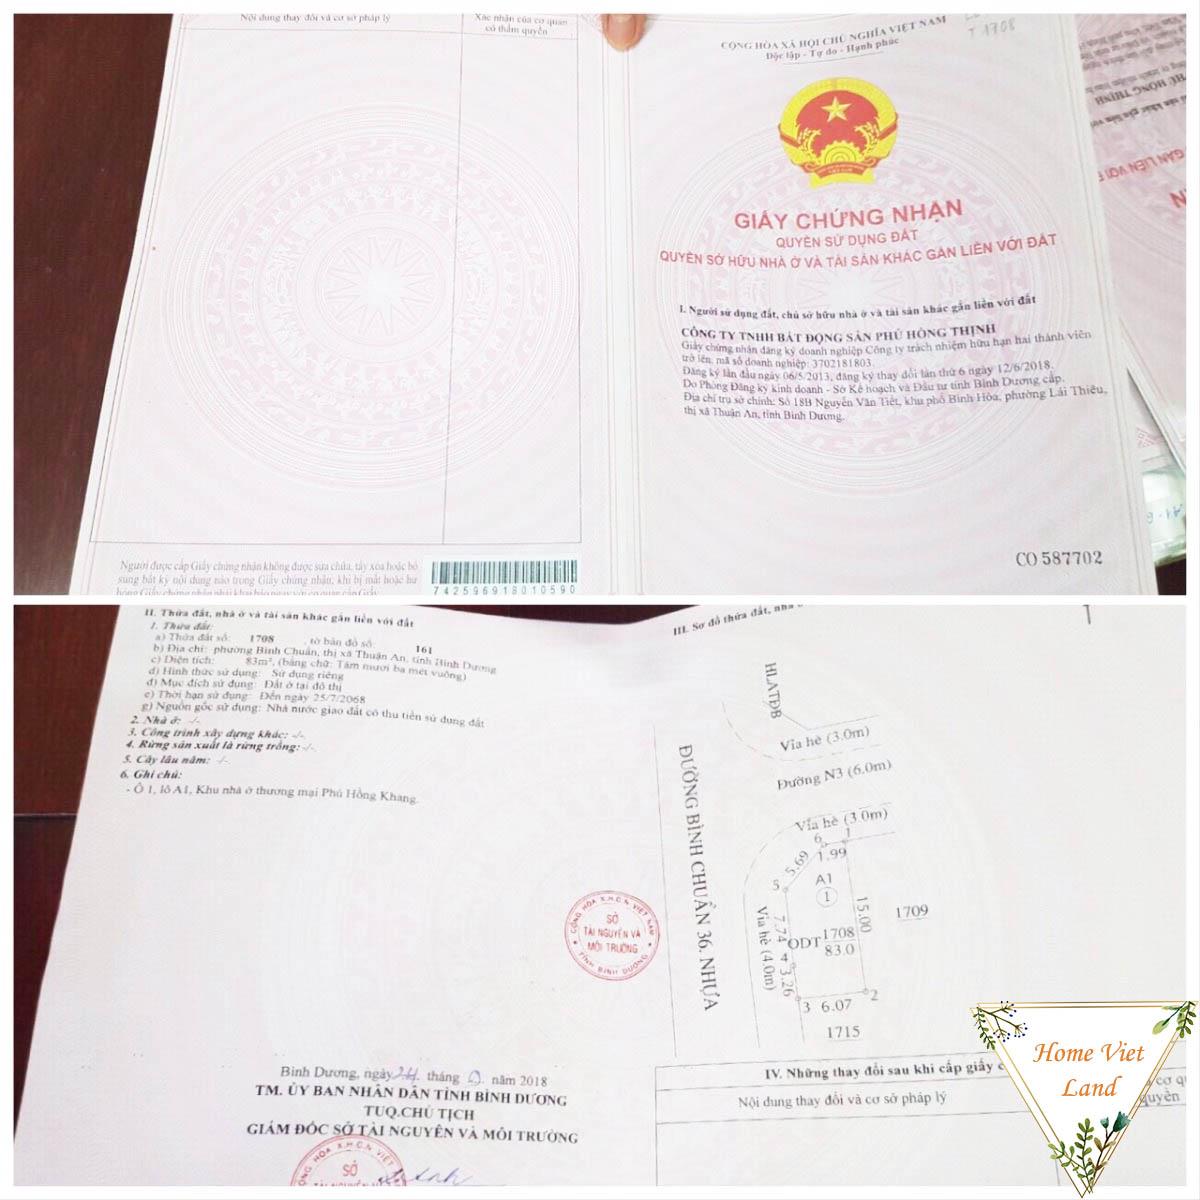 Pháp lý dự án Phú Hồng Phát - Phú Hồng Lộc